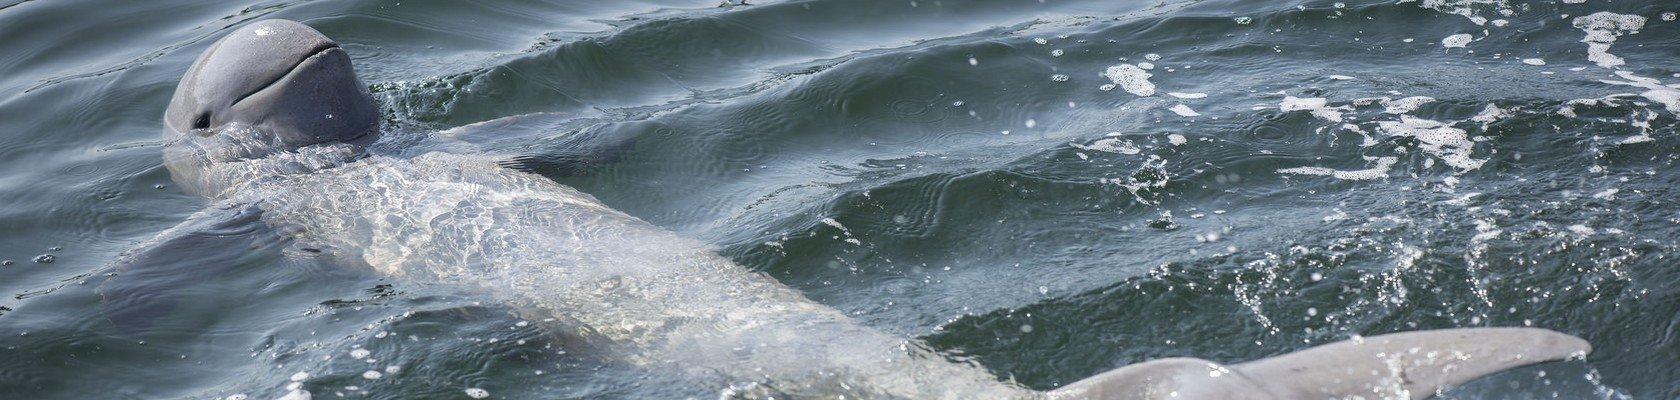 Zoetwaterdolfijnen van Stung Treng